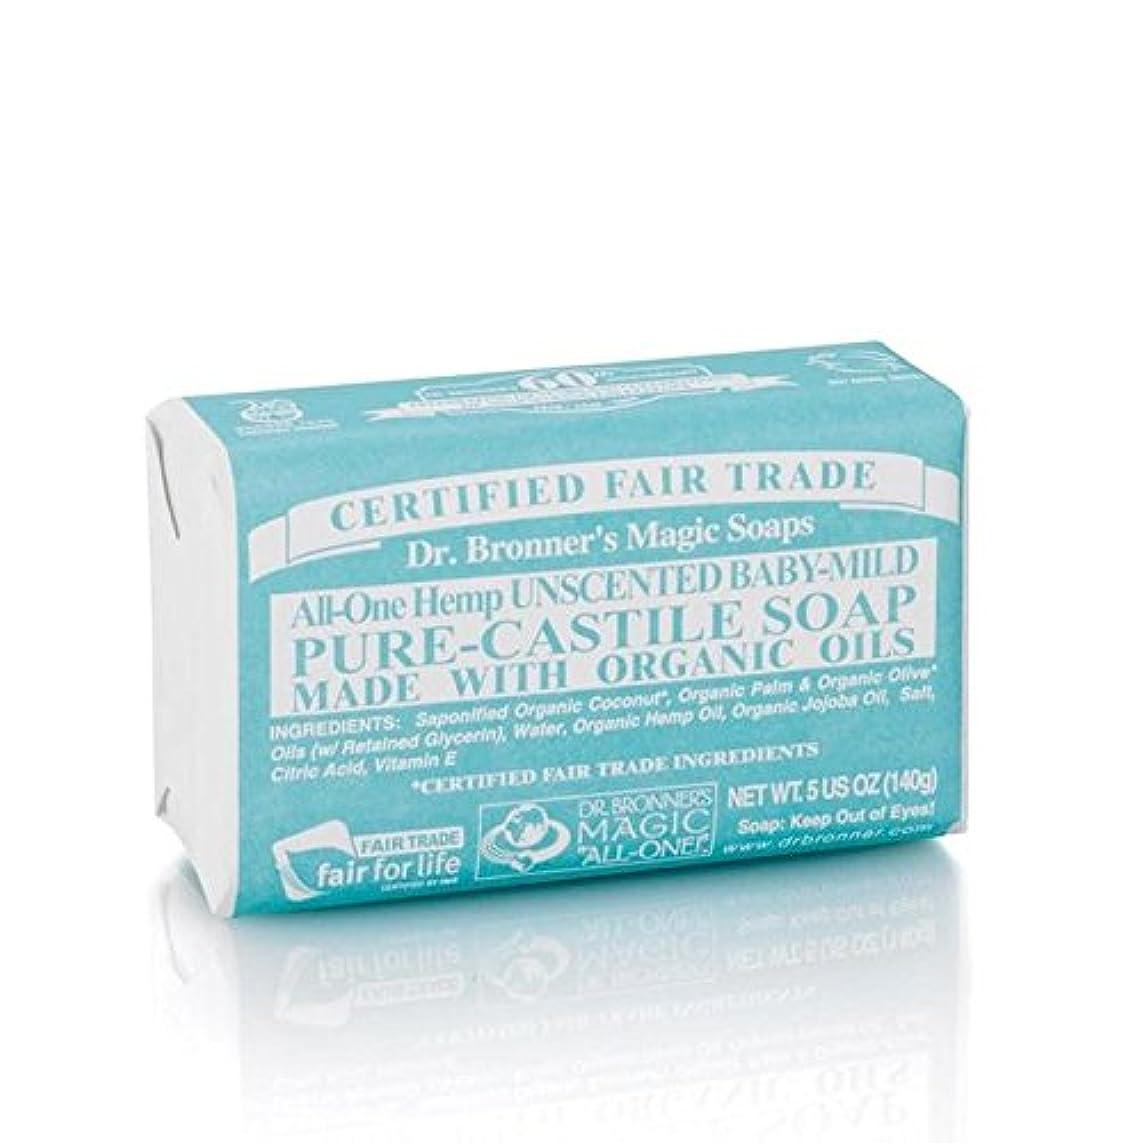 ナイトスポット発行する誇りに思うのブロナーオーガニックベビーマイルドソープバー140グラム x4 - Dr Bronner Organic Baby Mild Soap Bar 140g (Pack of 4) [並行輸入品]